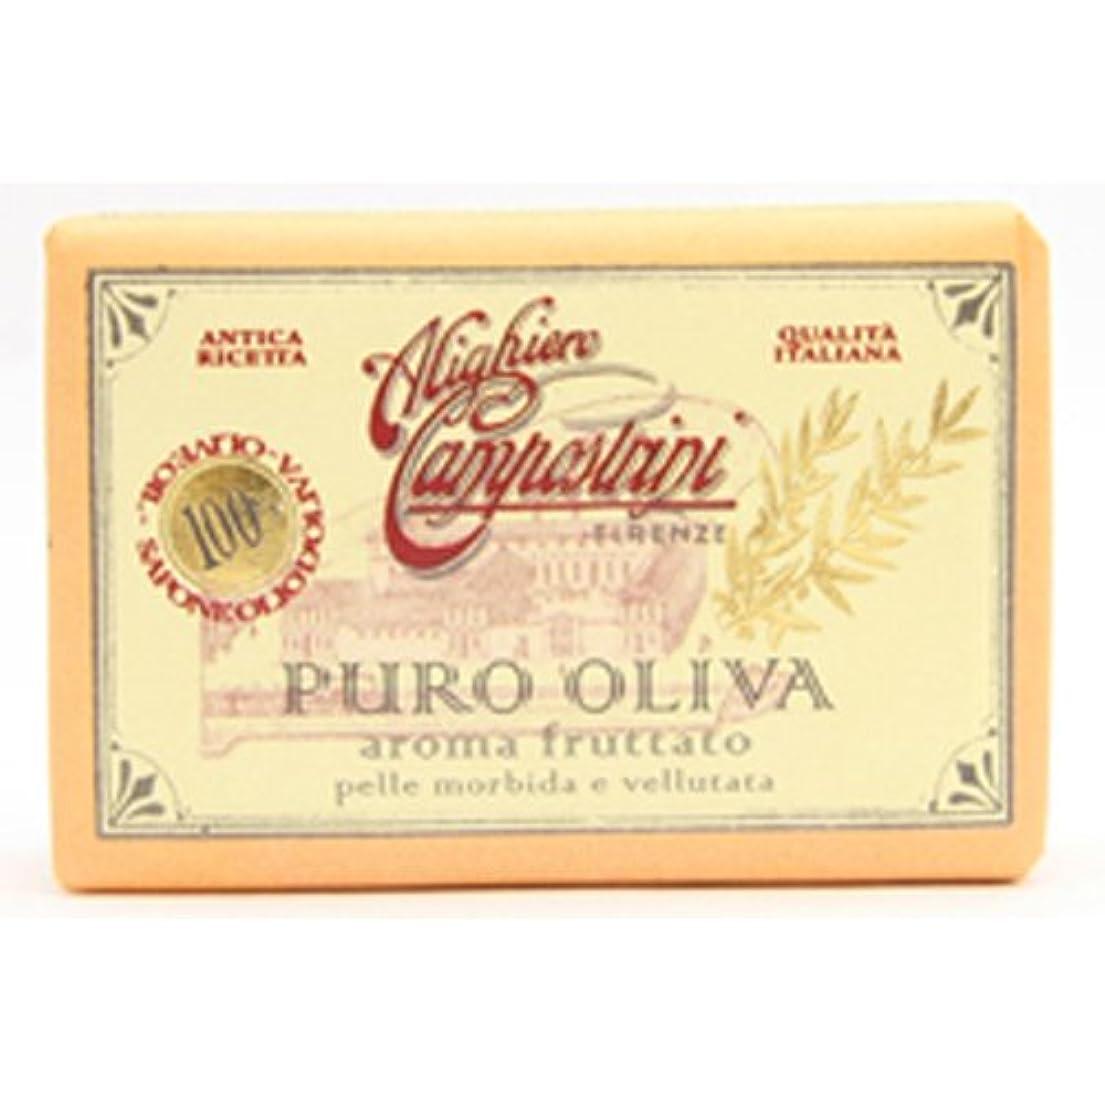 聞きます大使館シーズンSaponerire Fissi サポネリーフィッシー PURO OLIVA Soap オリーブオイル ピュロ ソープ Aroma fruttato フルーツ(オレンジ)